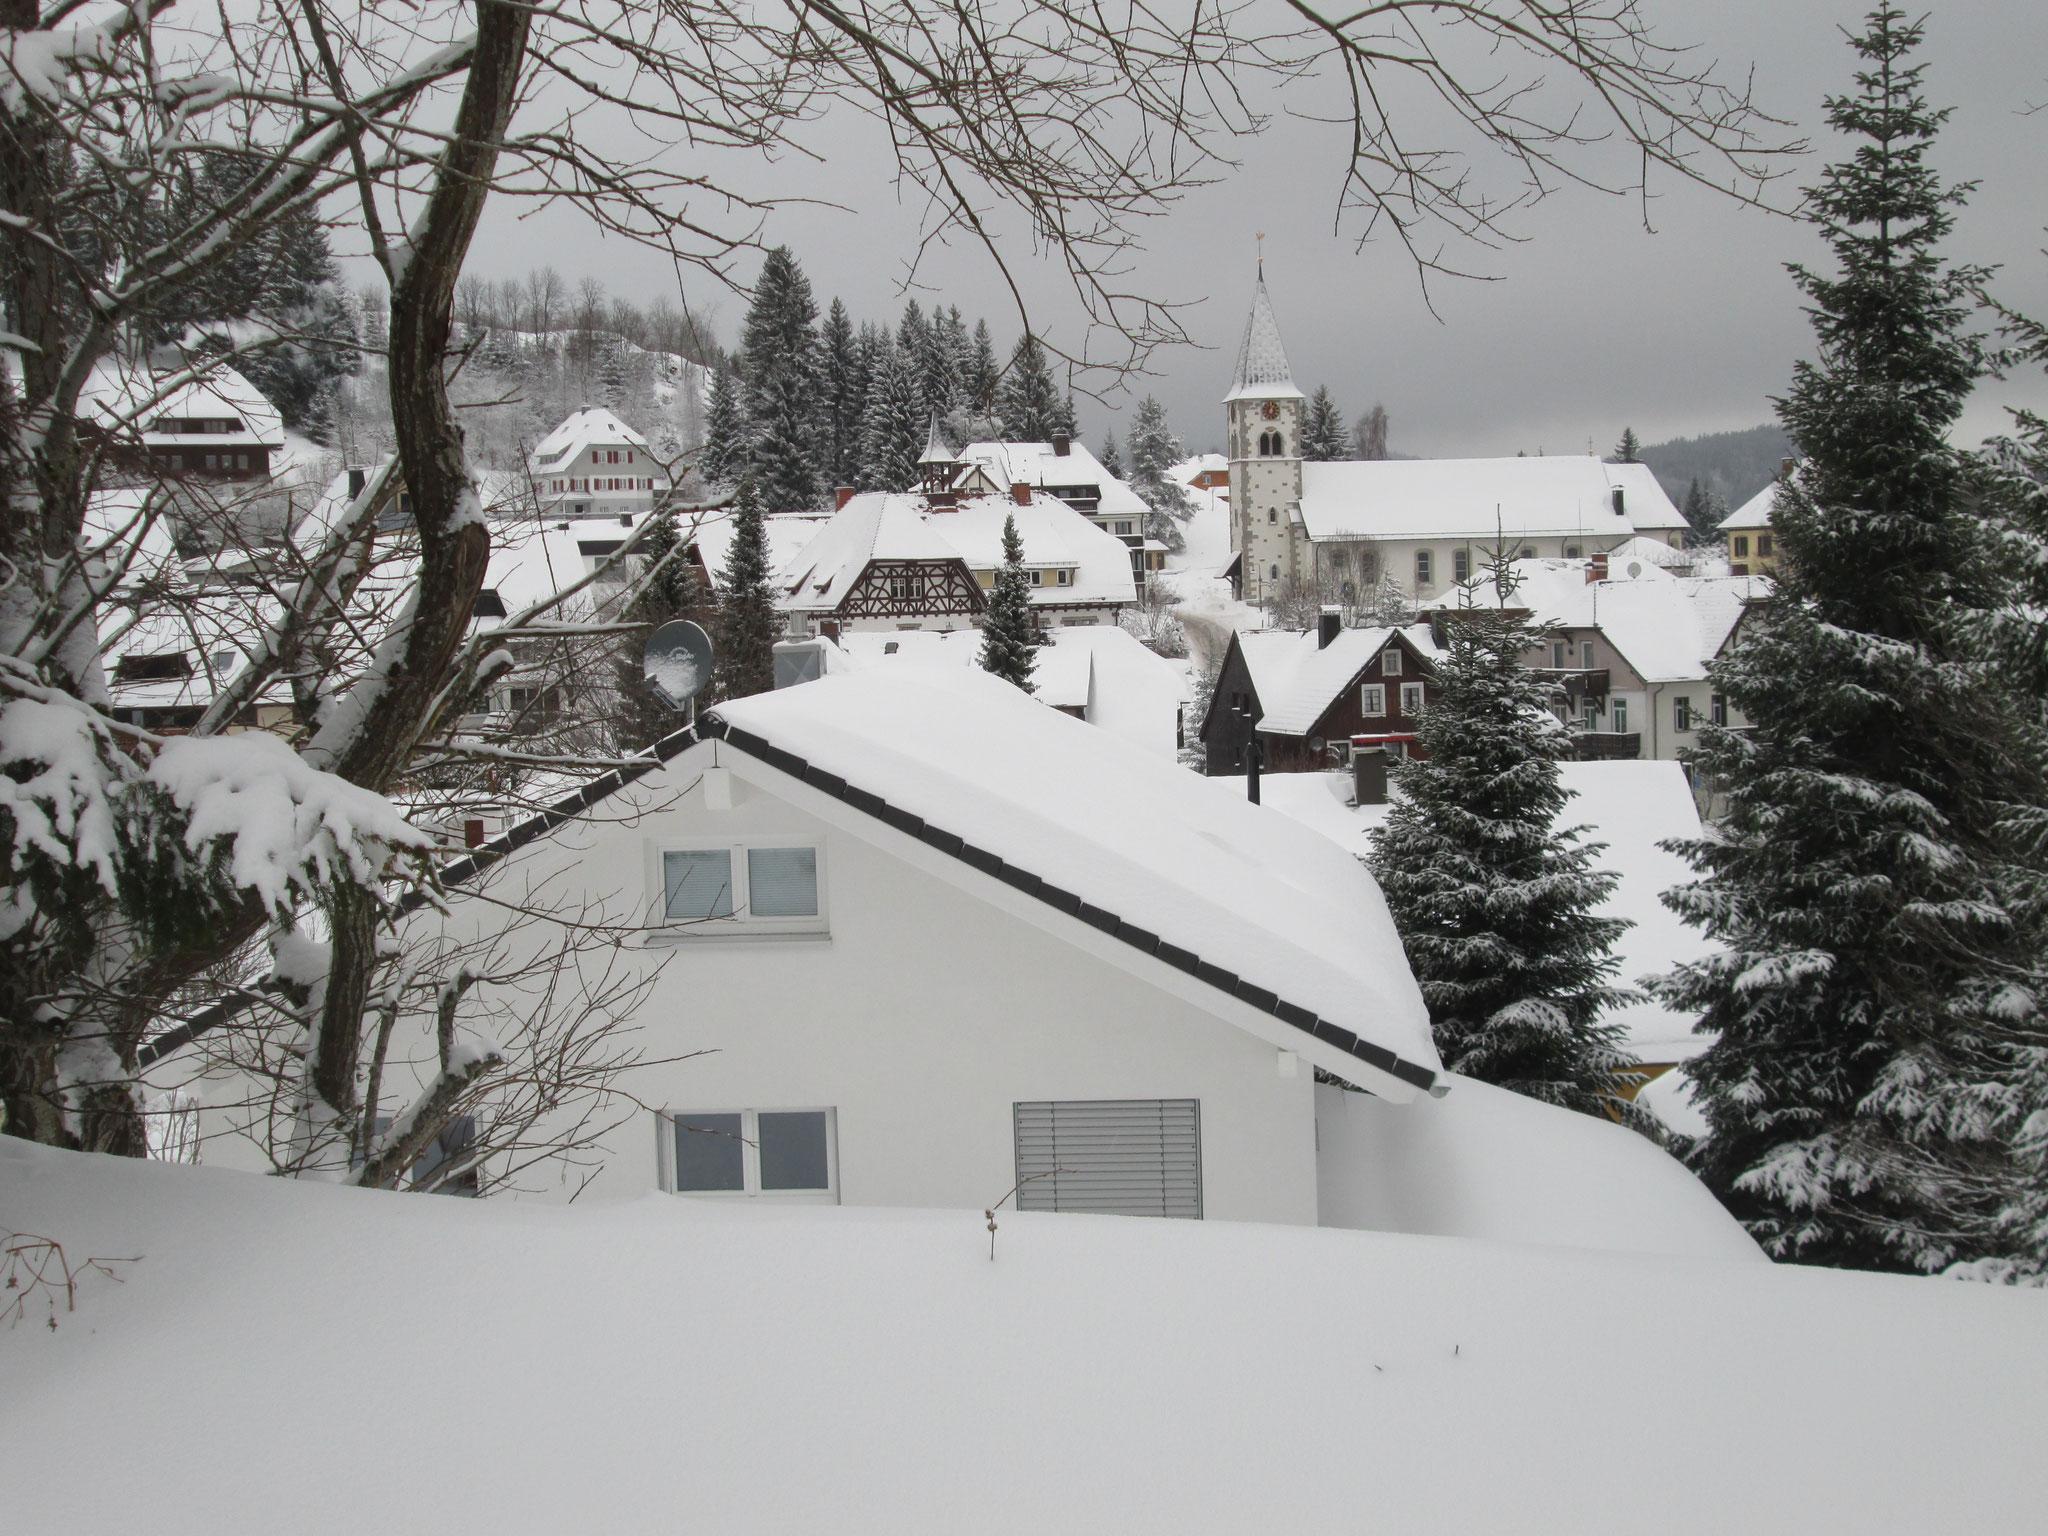 Dann wandere ich, langsam, um den Blick auf das verschneite Dorf festzuhalten,